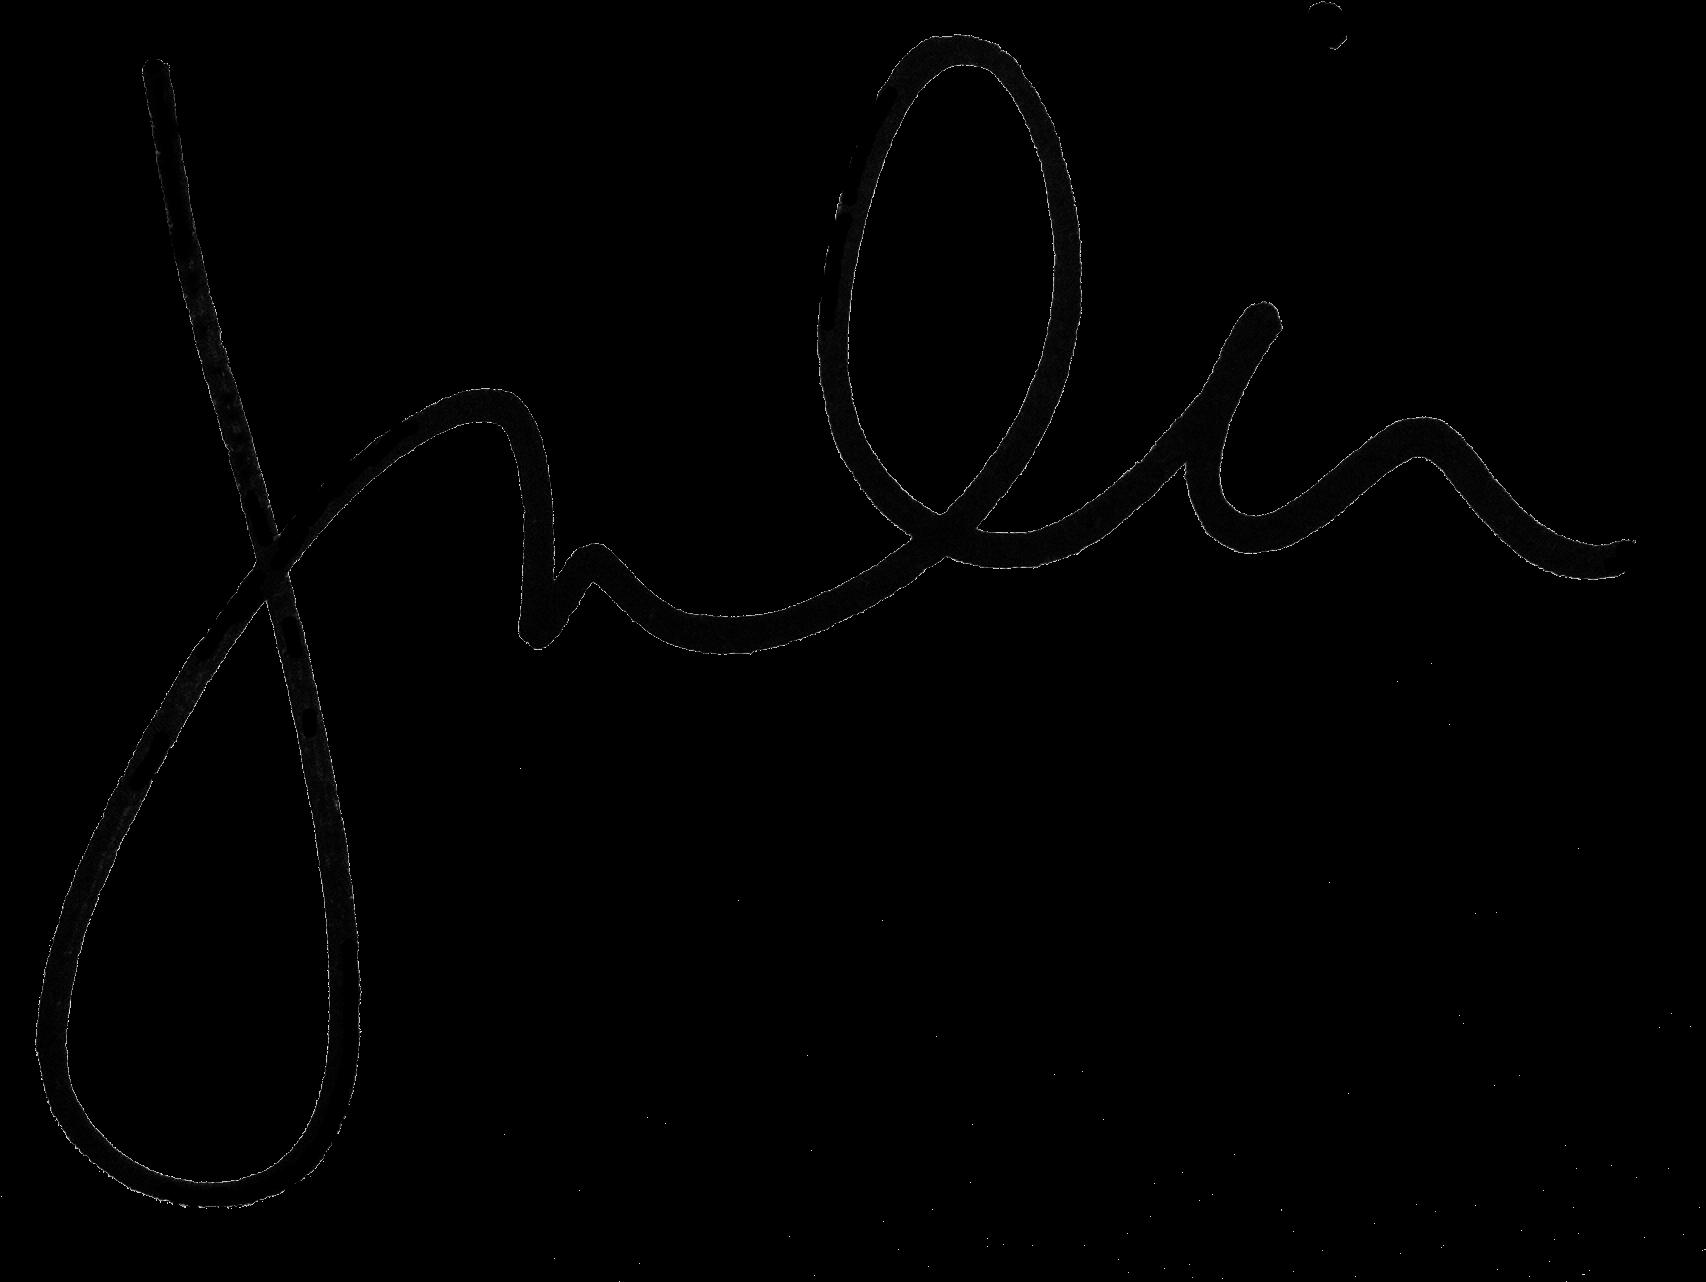 646-6460681_fake-signature-png-line-art